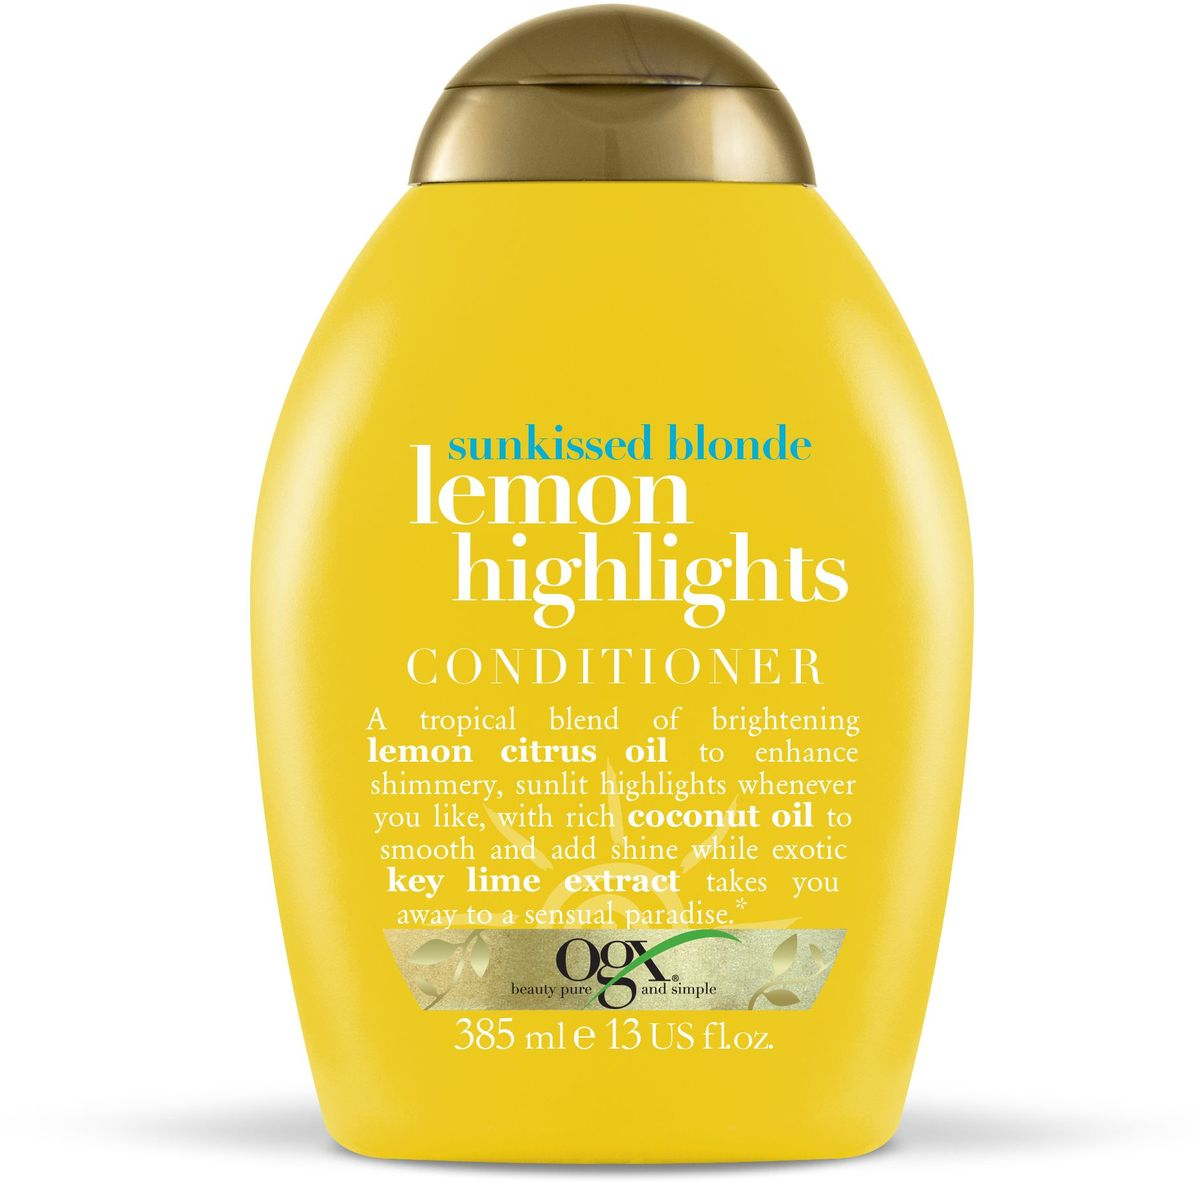 OGX Кондиционер для сияния цвета с экстрактом лимона Солнечный блонд, 385 мл.97442Кондиционер для сияния цвета с экстрактом лимона – увлажняет и сохраняет влагу изнутри, борется с пушением. Делают цвет более ярким и сияющим. Наполняет волосы силой и жизненной энергией